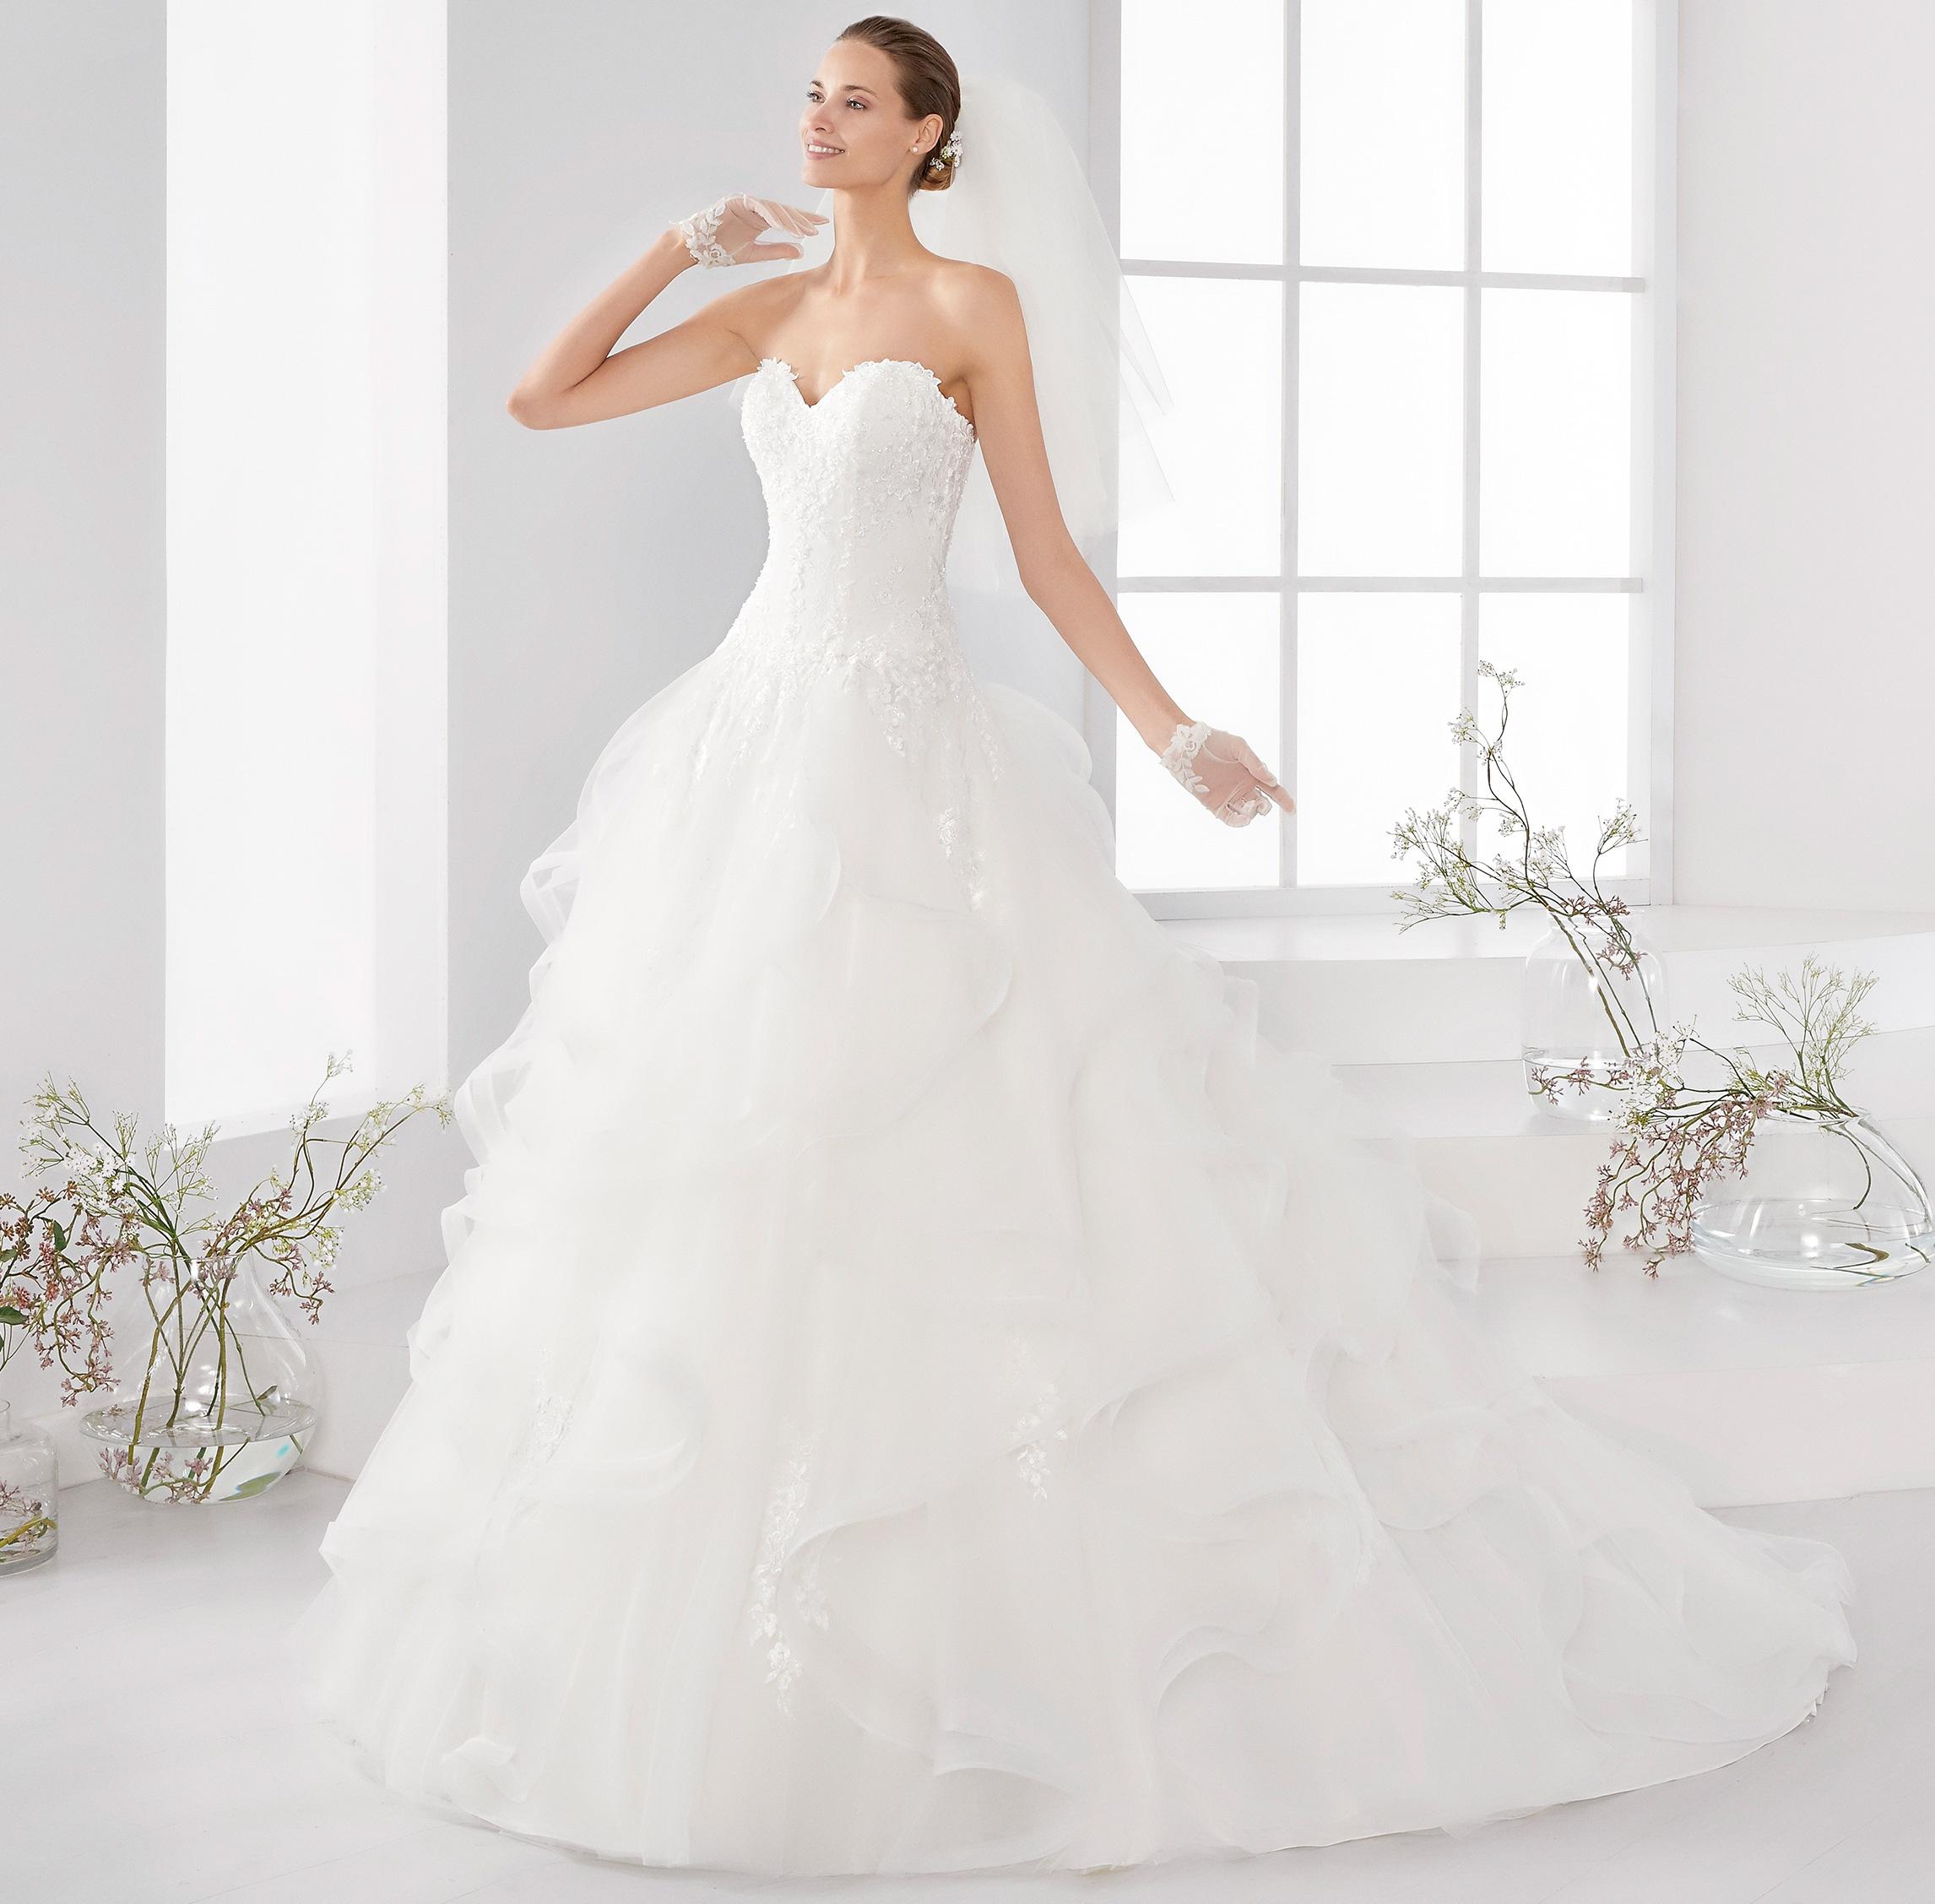 68c7bbbc4e47 Nicole Spose collezione Aurora 2018 abiti sposa5